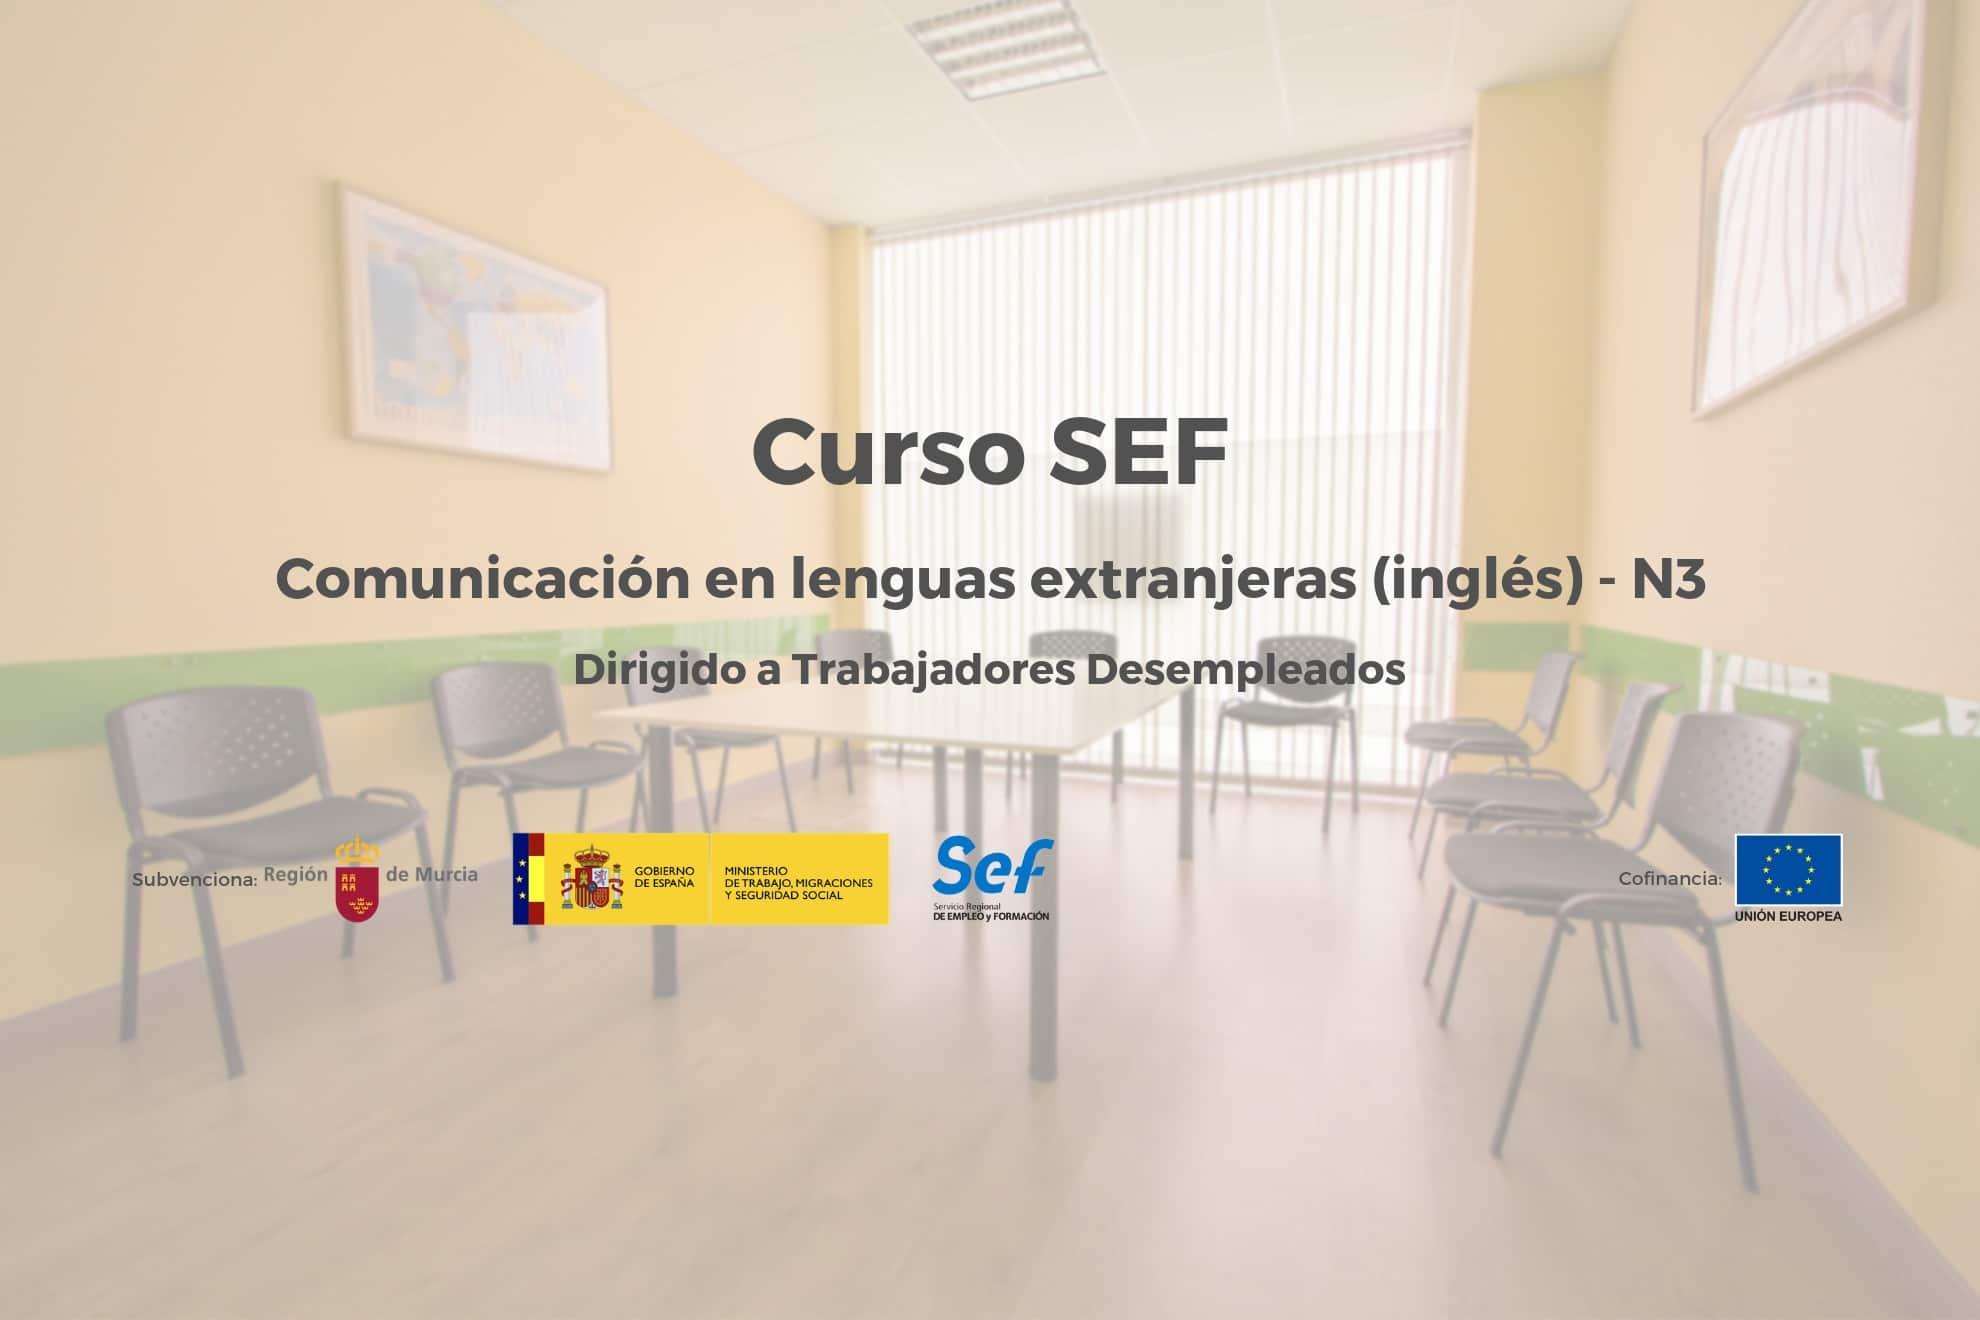 Cursos SEF Inscripción